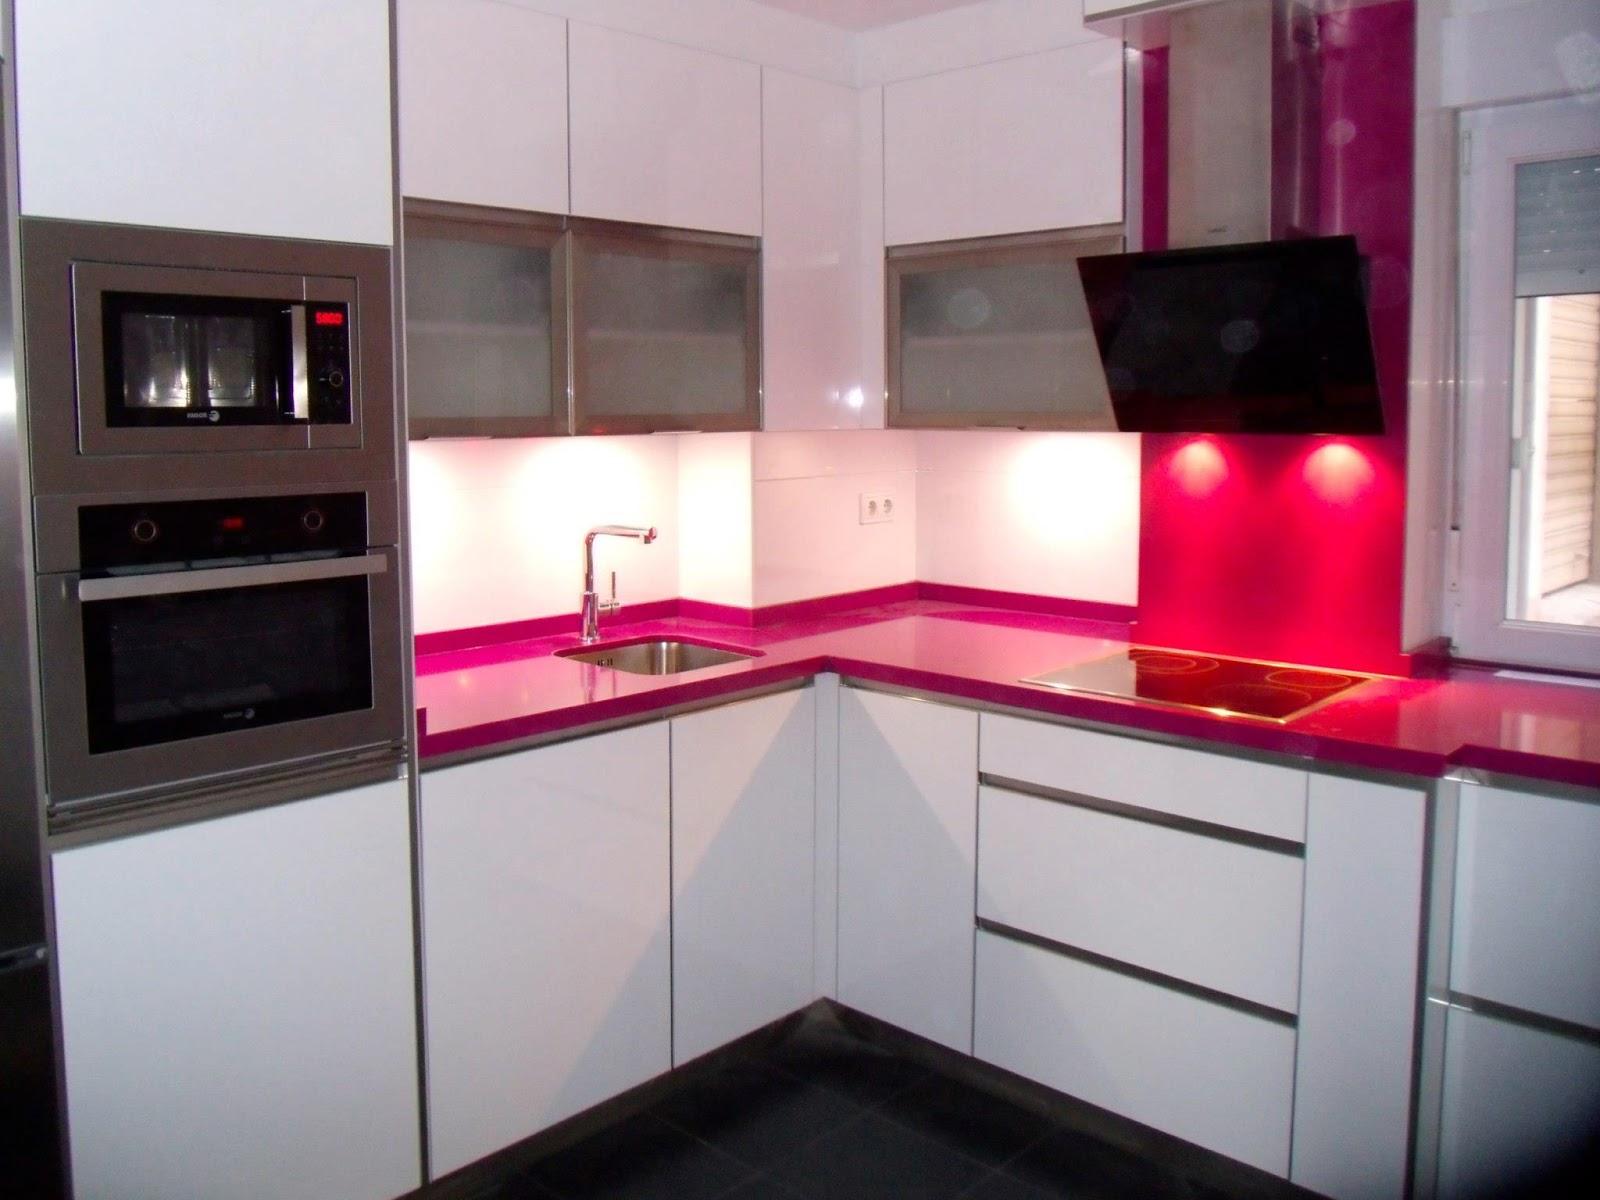 Estudio de cocinas cjr cocina elegante innovadora y - Muebles por modulos ...